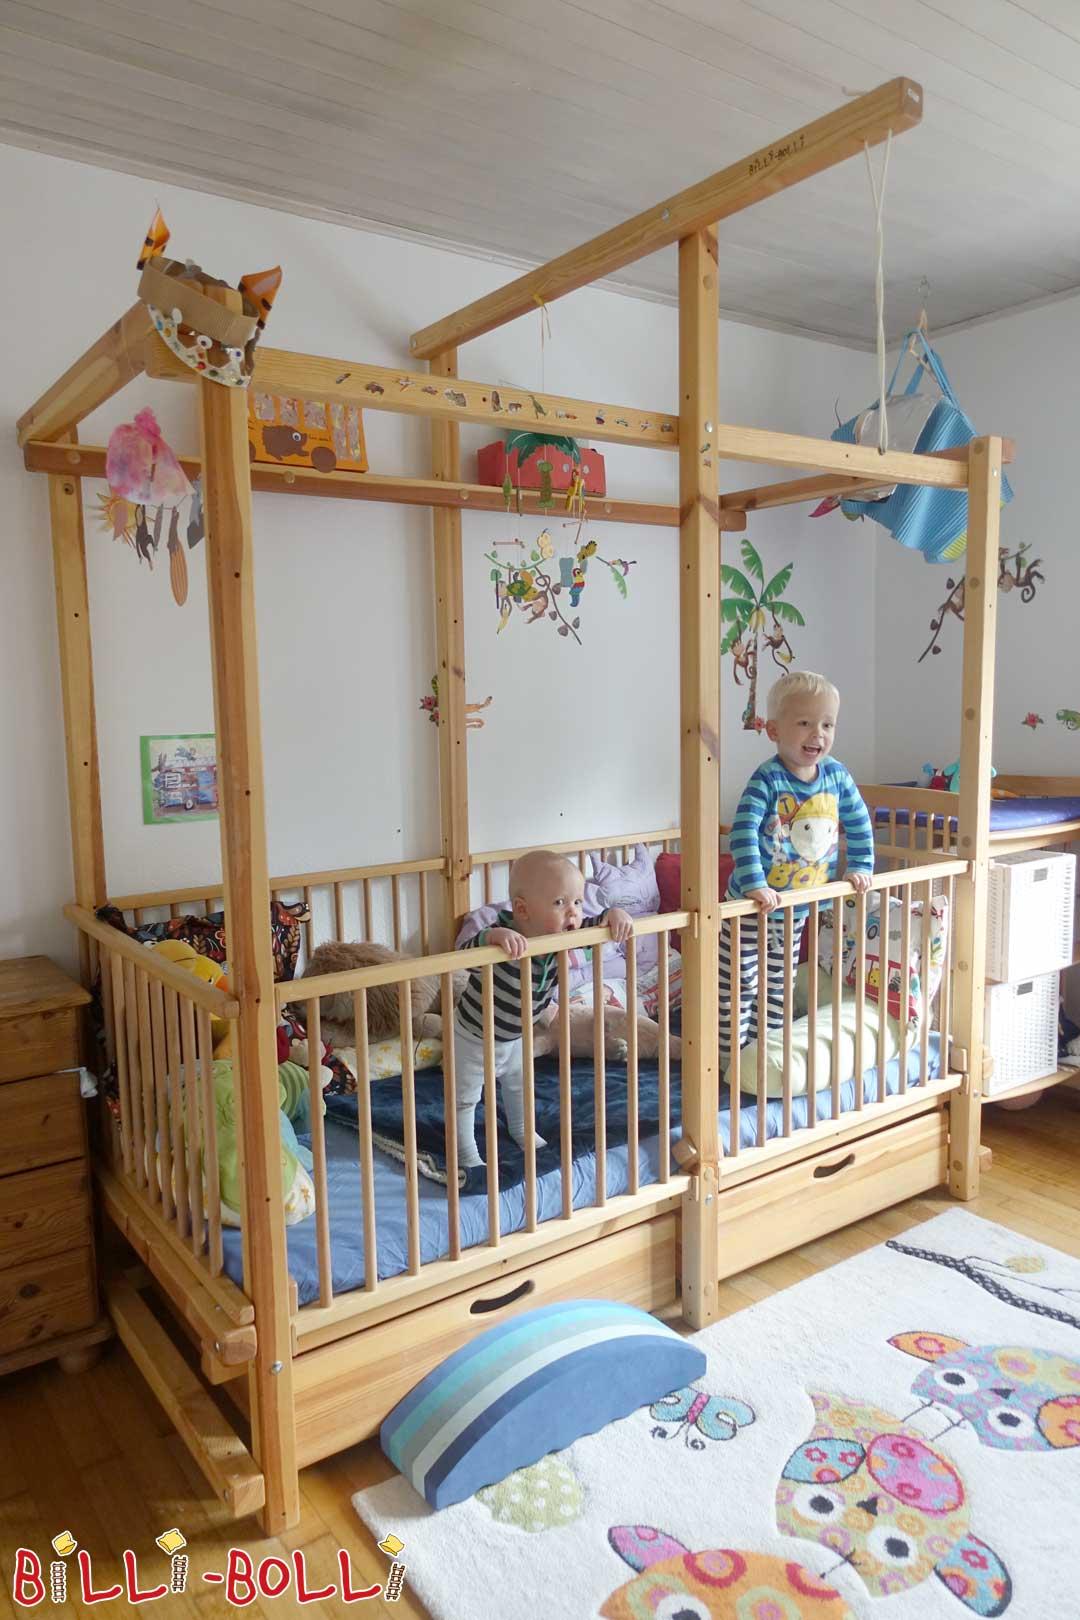 Full Size of Betten Fr Babys überlänge Trends Gebrauchte Kaufen Team 7 180x200 Amazon Antike 120x200 Musterring Ikea 160x200 Poco Wohnzimmer Niedrige Betten